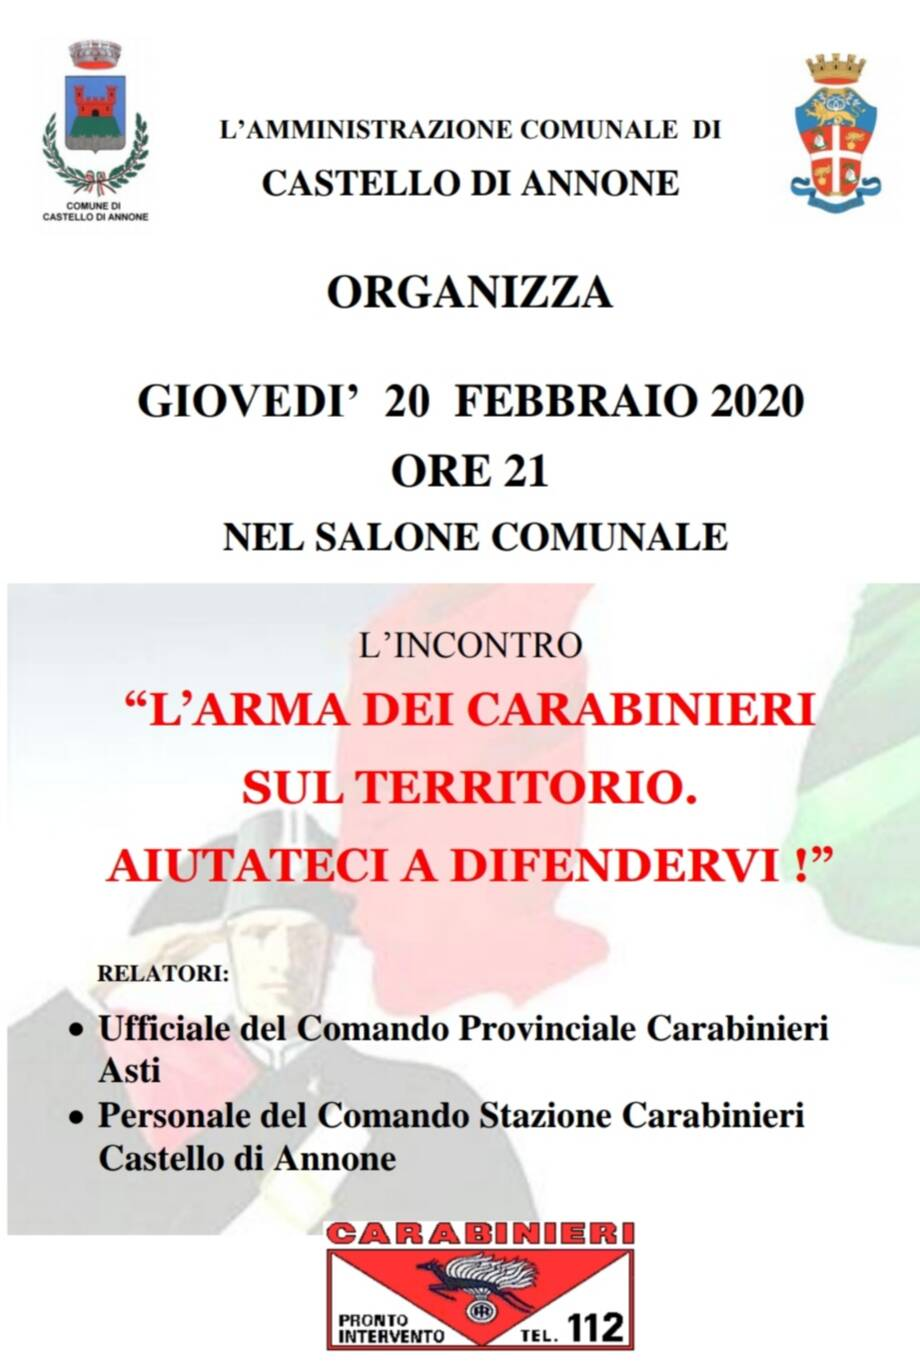 incontro carabinieri castello d'annone